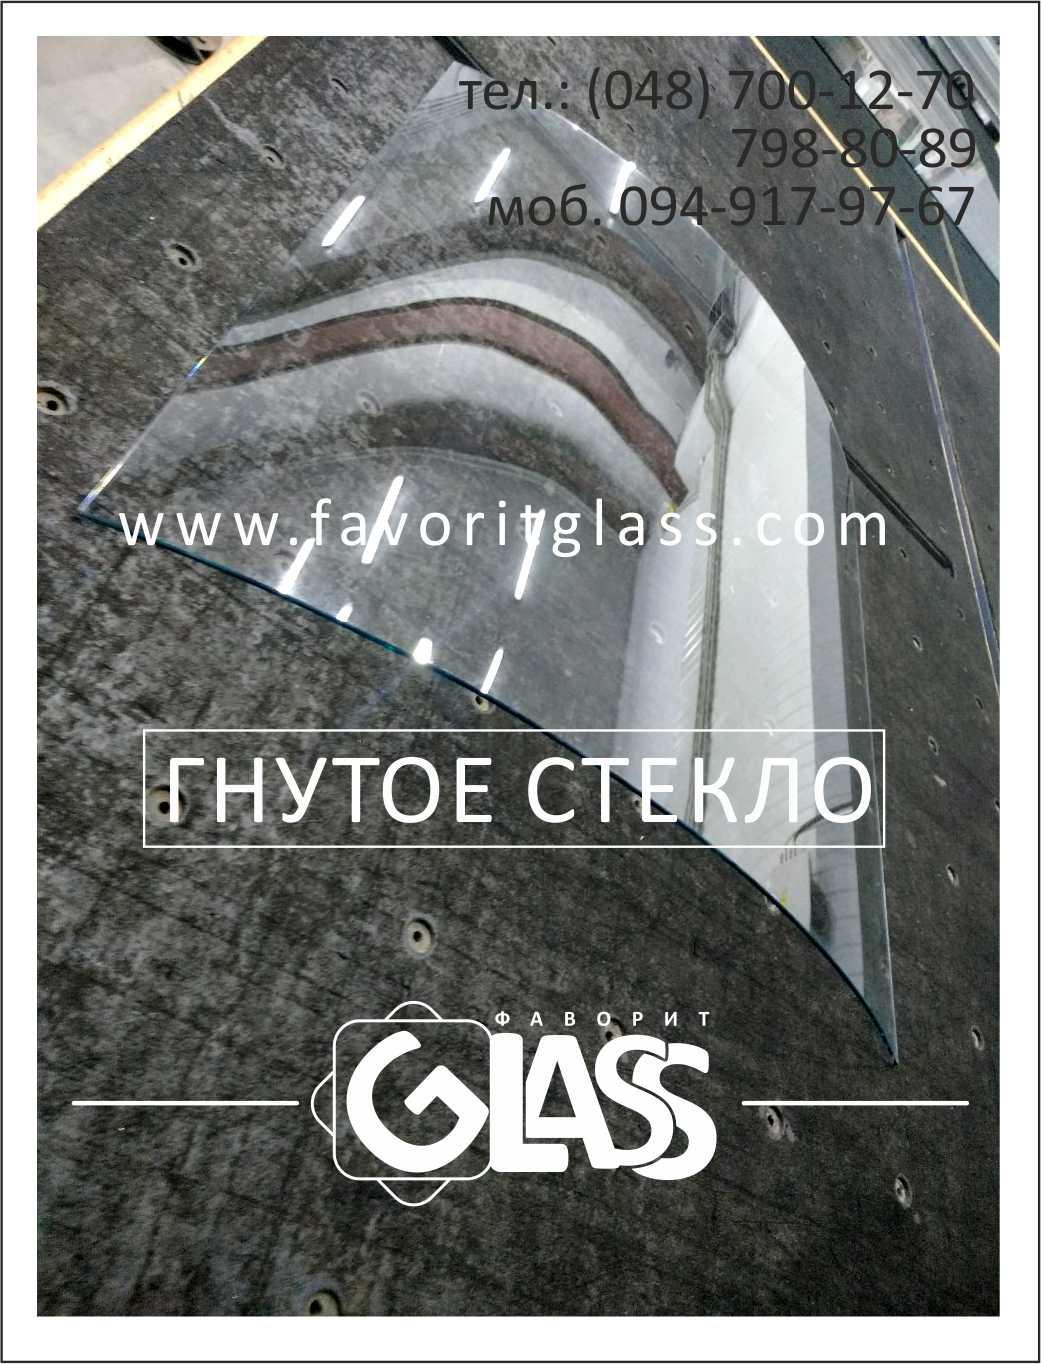 Гнутое стекло фасад.jpg